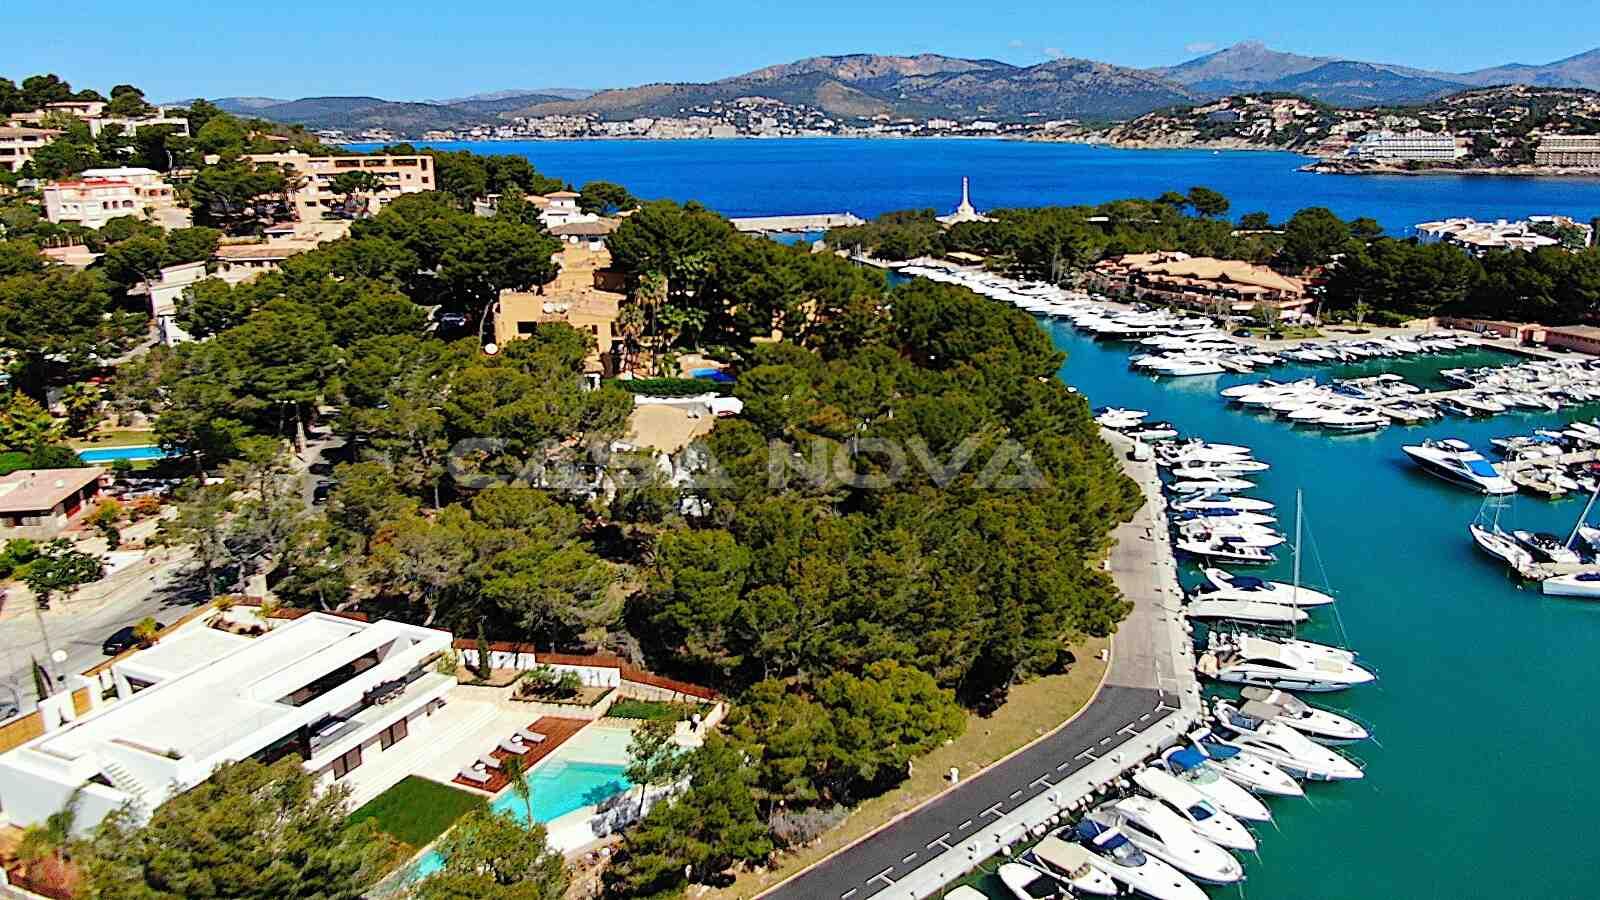 Toller Weitblicküber Santa Ponsa und die Hafenumgebung